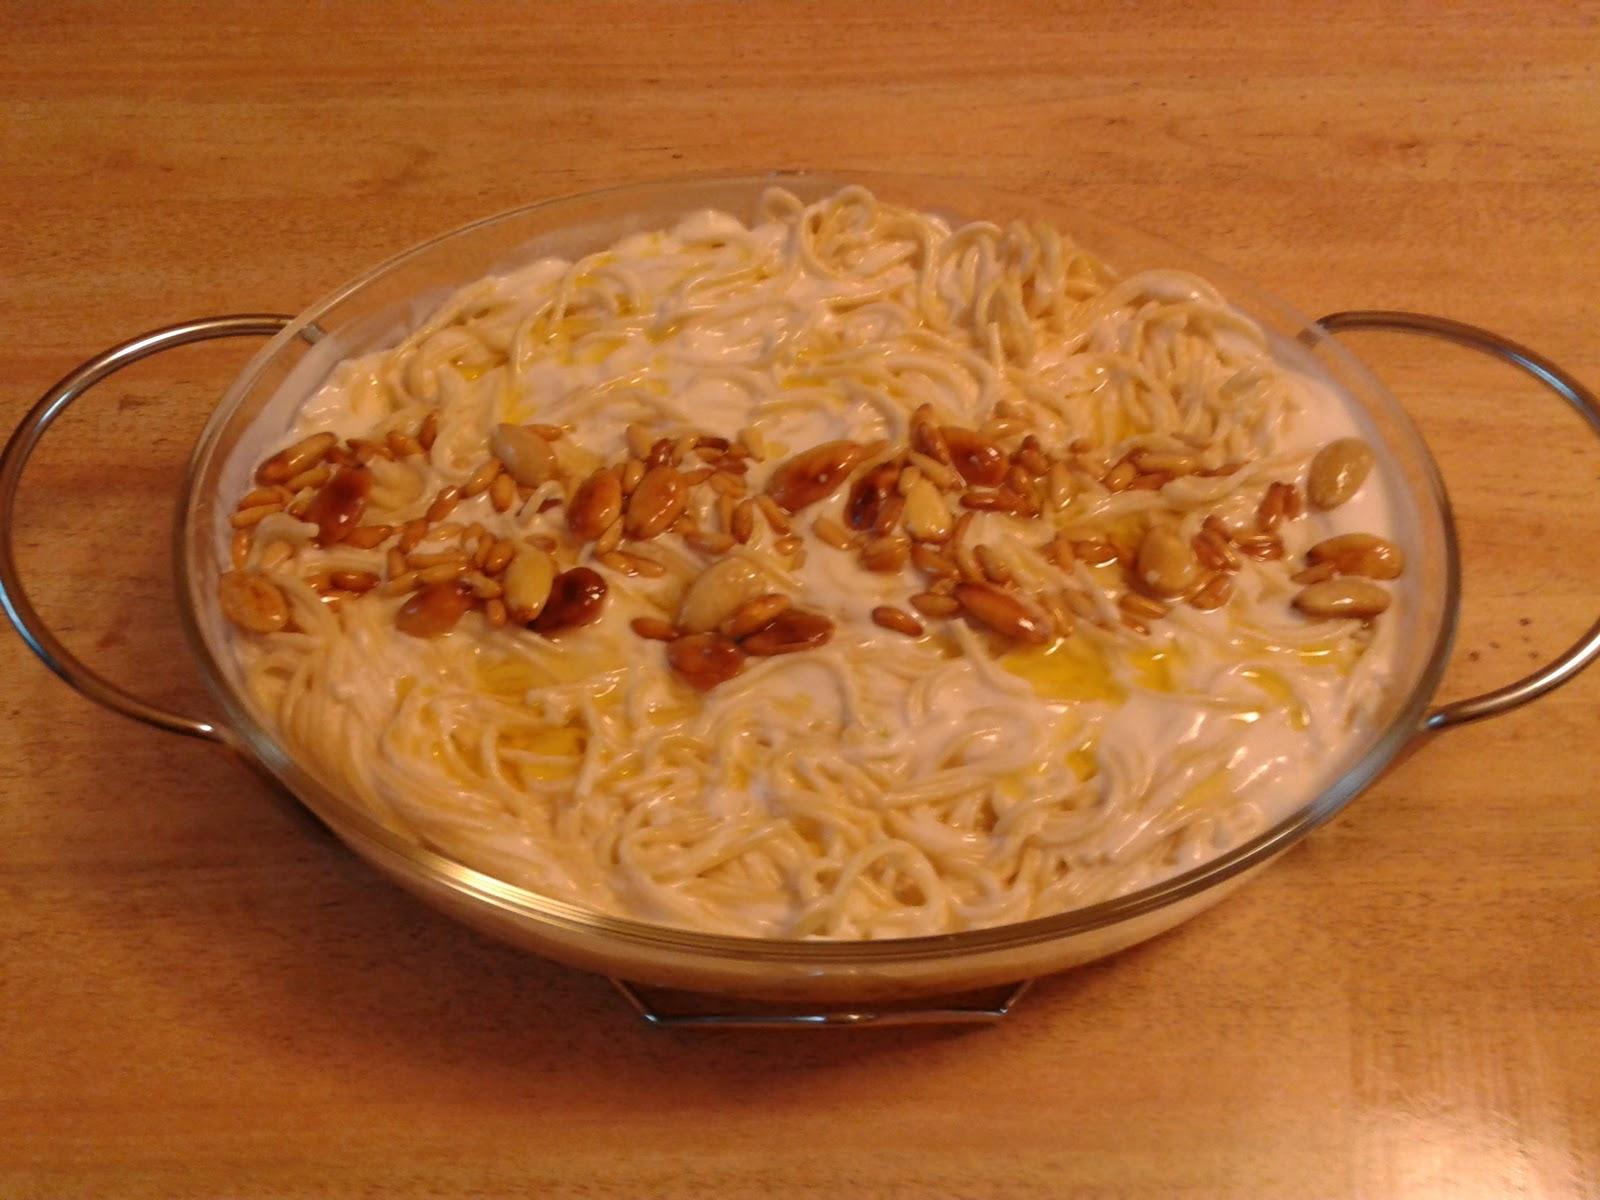 سباغيتي بالزبادي واللحم وصفة مكرونة سهلة وشهية للسيدات العاملات